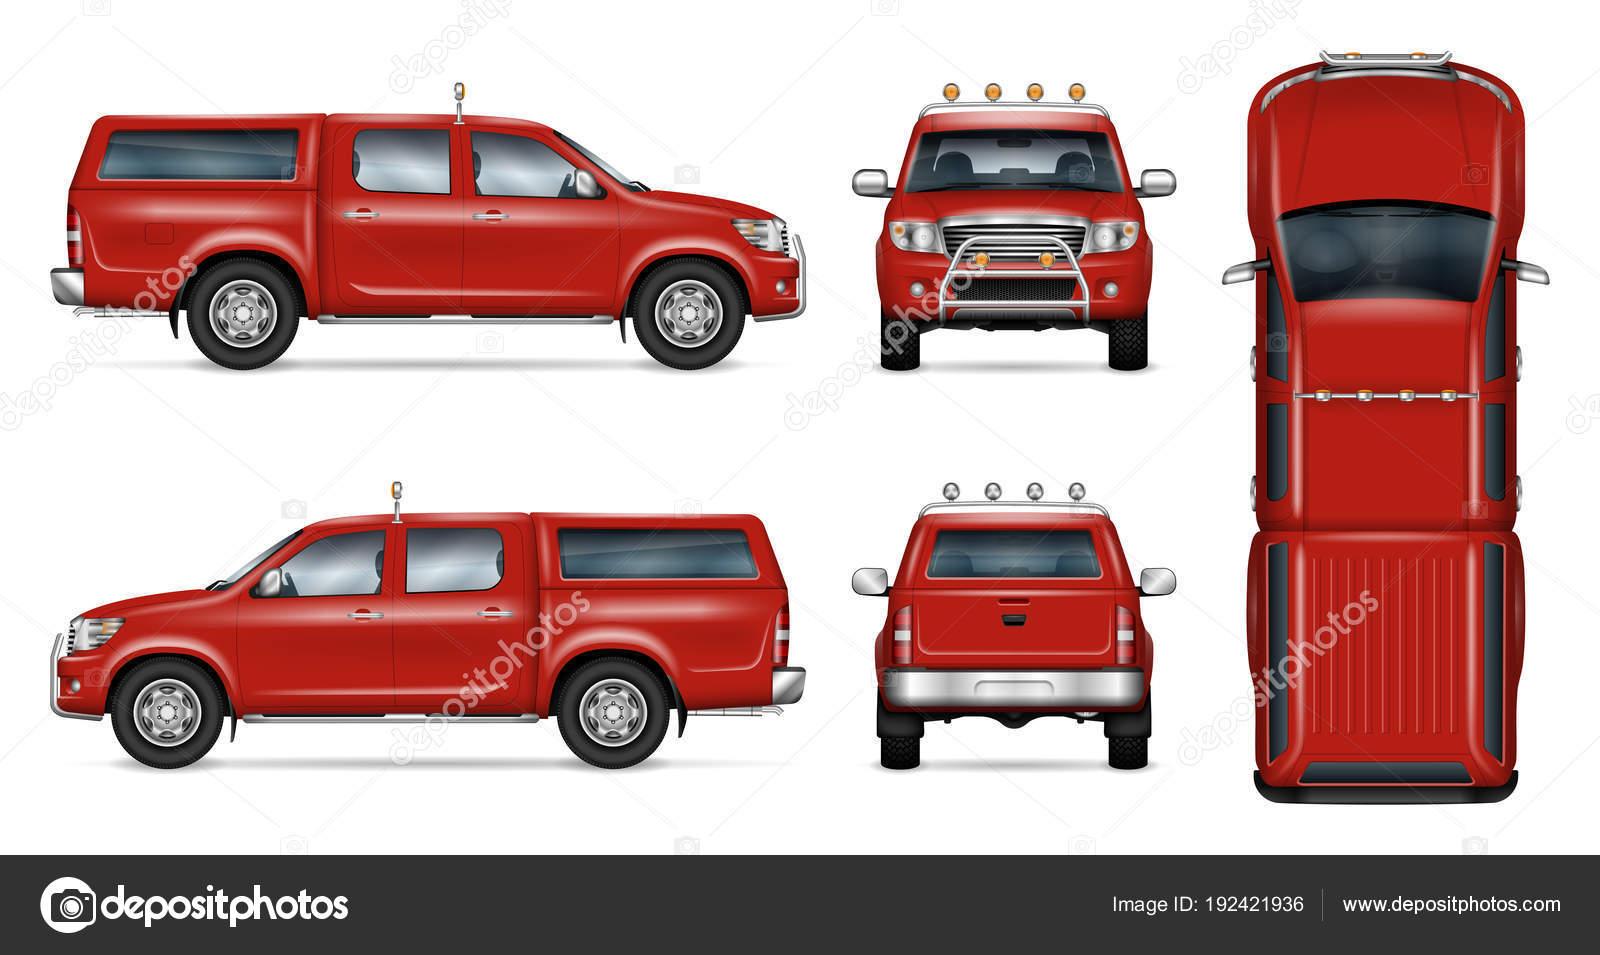 Roter Pickup Vektor Vorlage — Stockvektor © imgvector #192421936